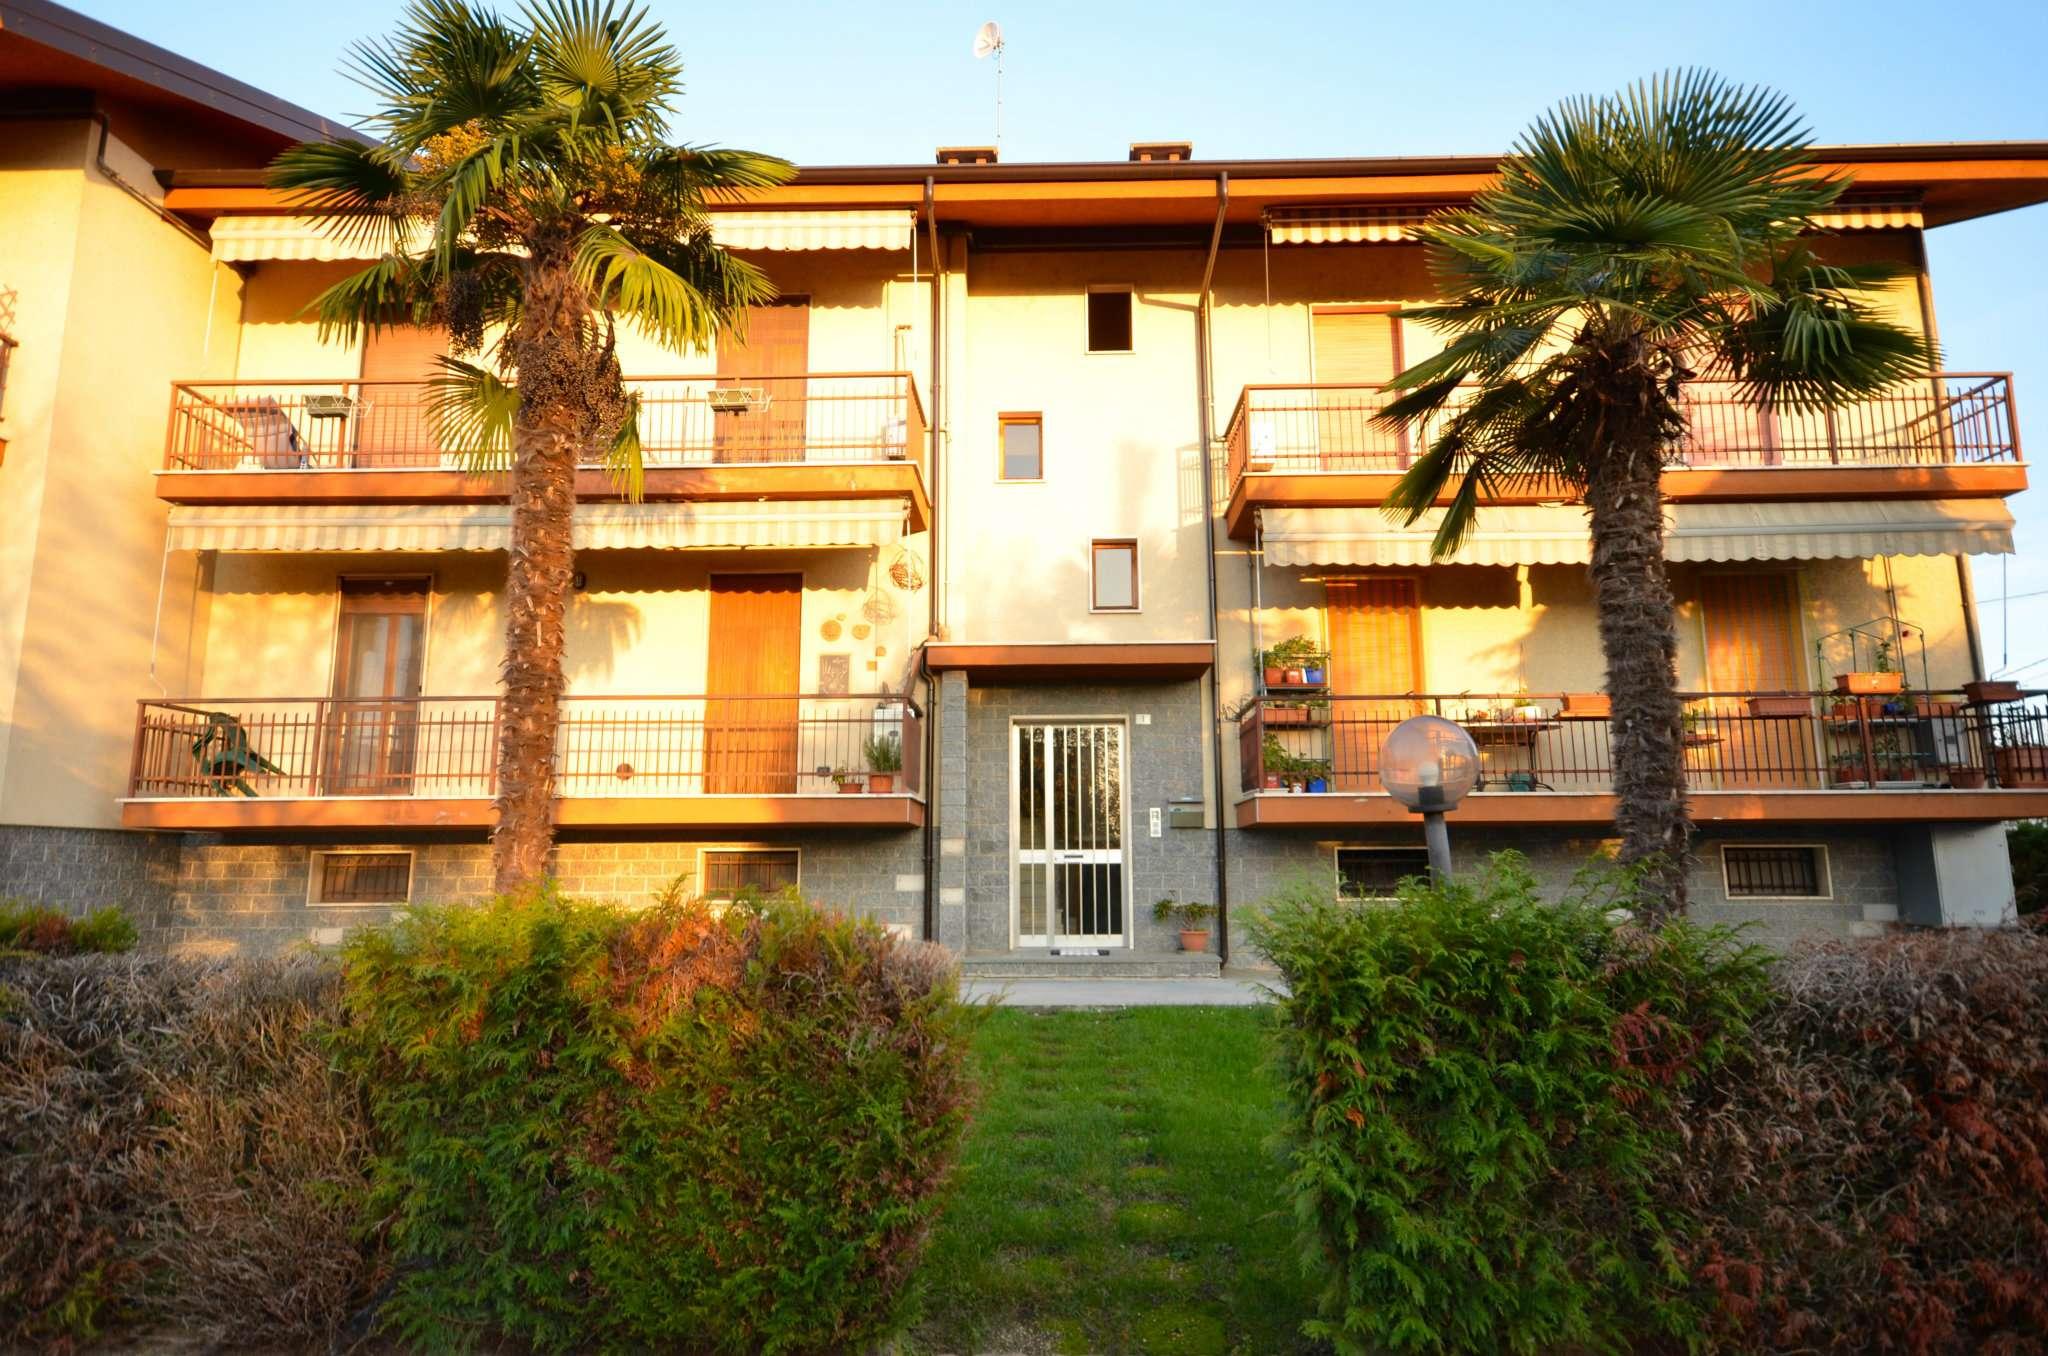 Appartamento in vendita a Centallo, 9999 locali, prezzo € 99.000 | CambioCasa.it